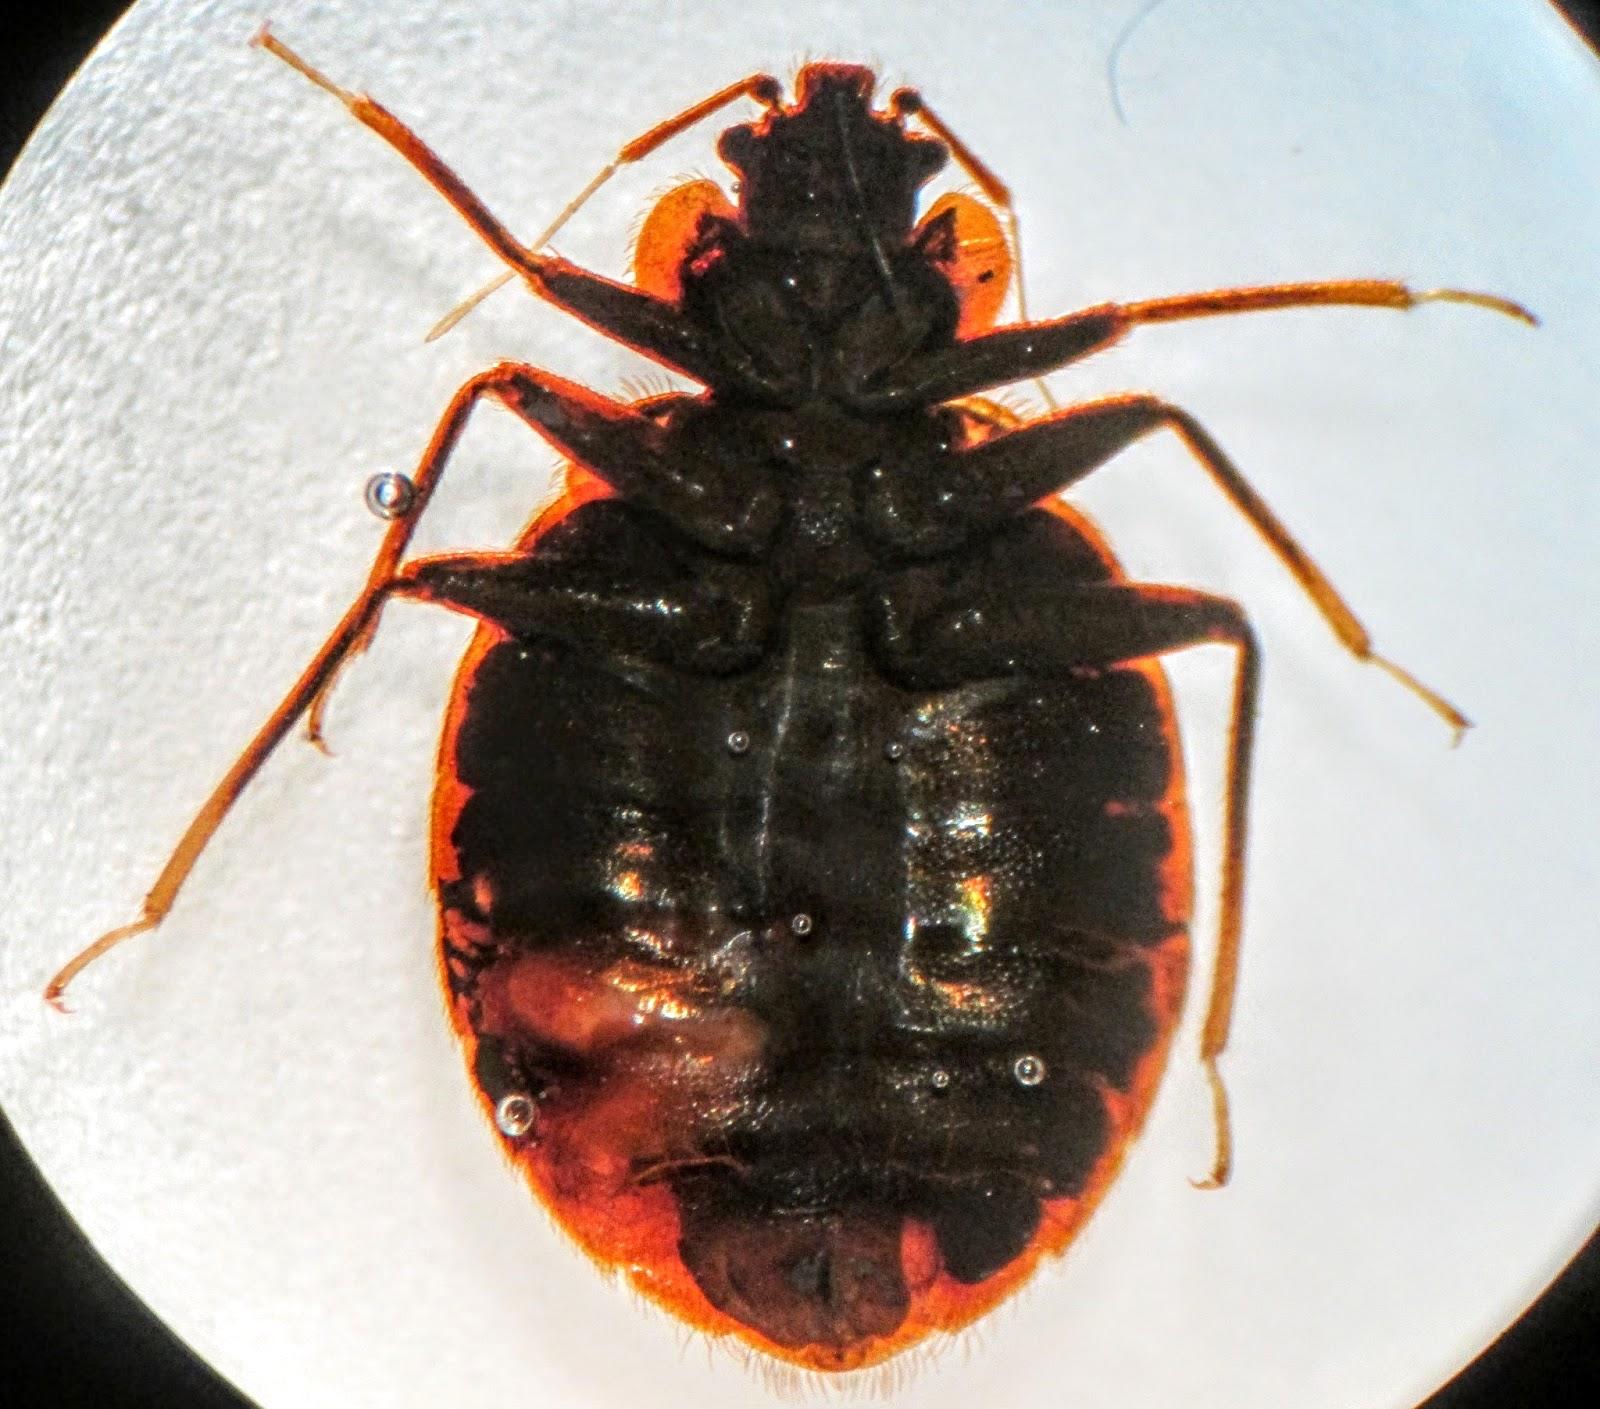 Pathology Outlines Cimex Lectularius Bed Bug